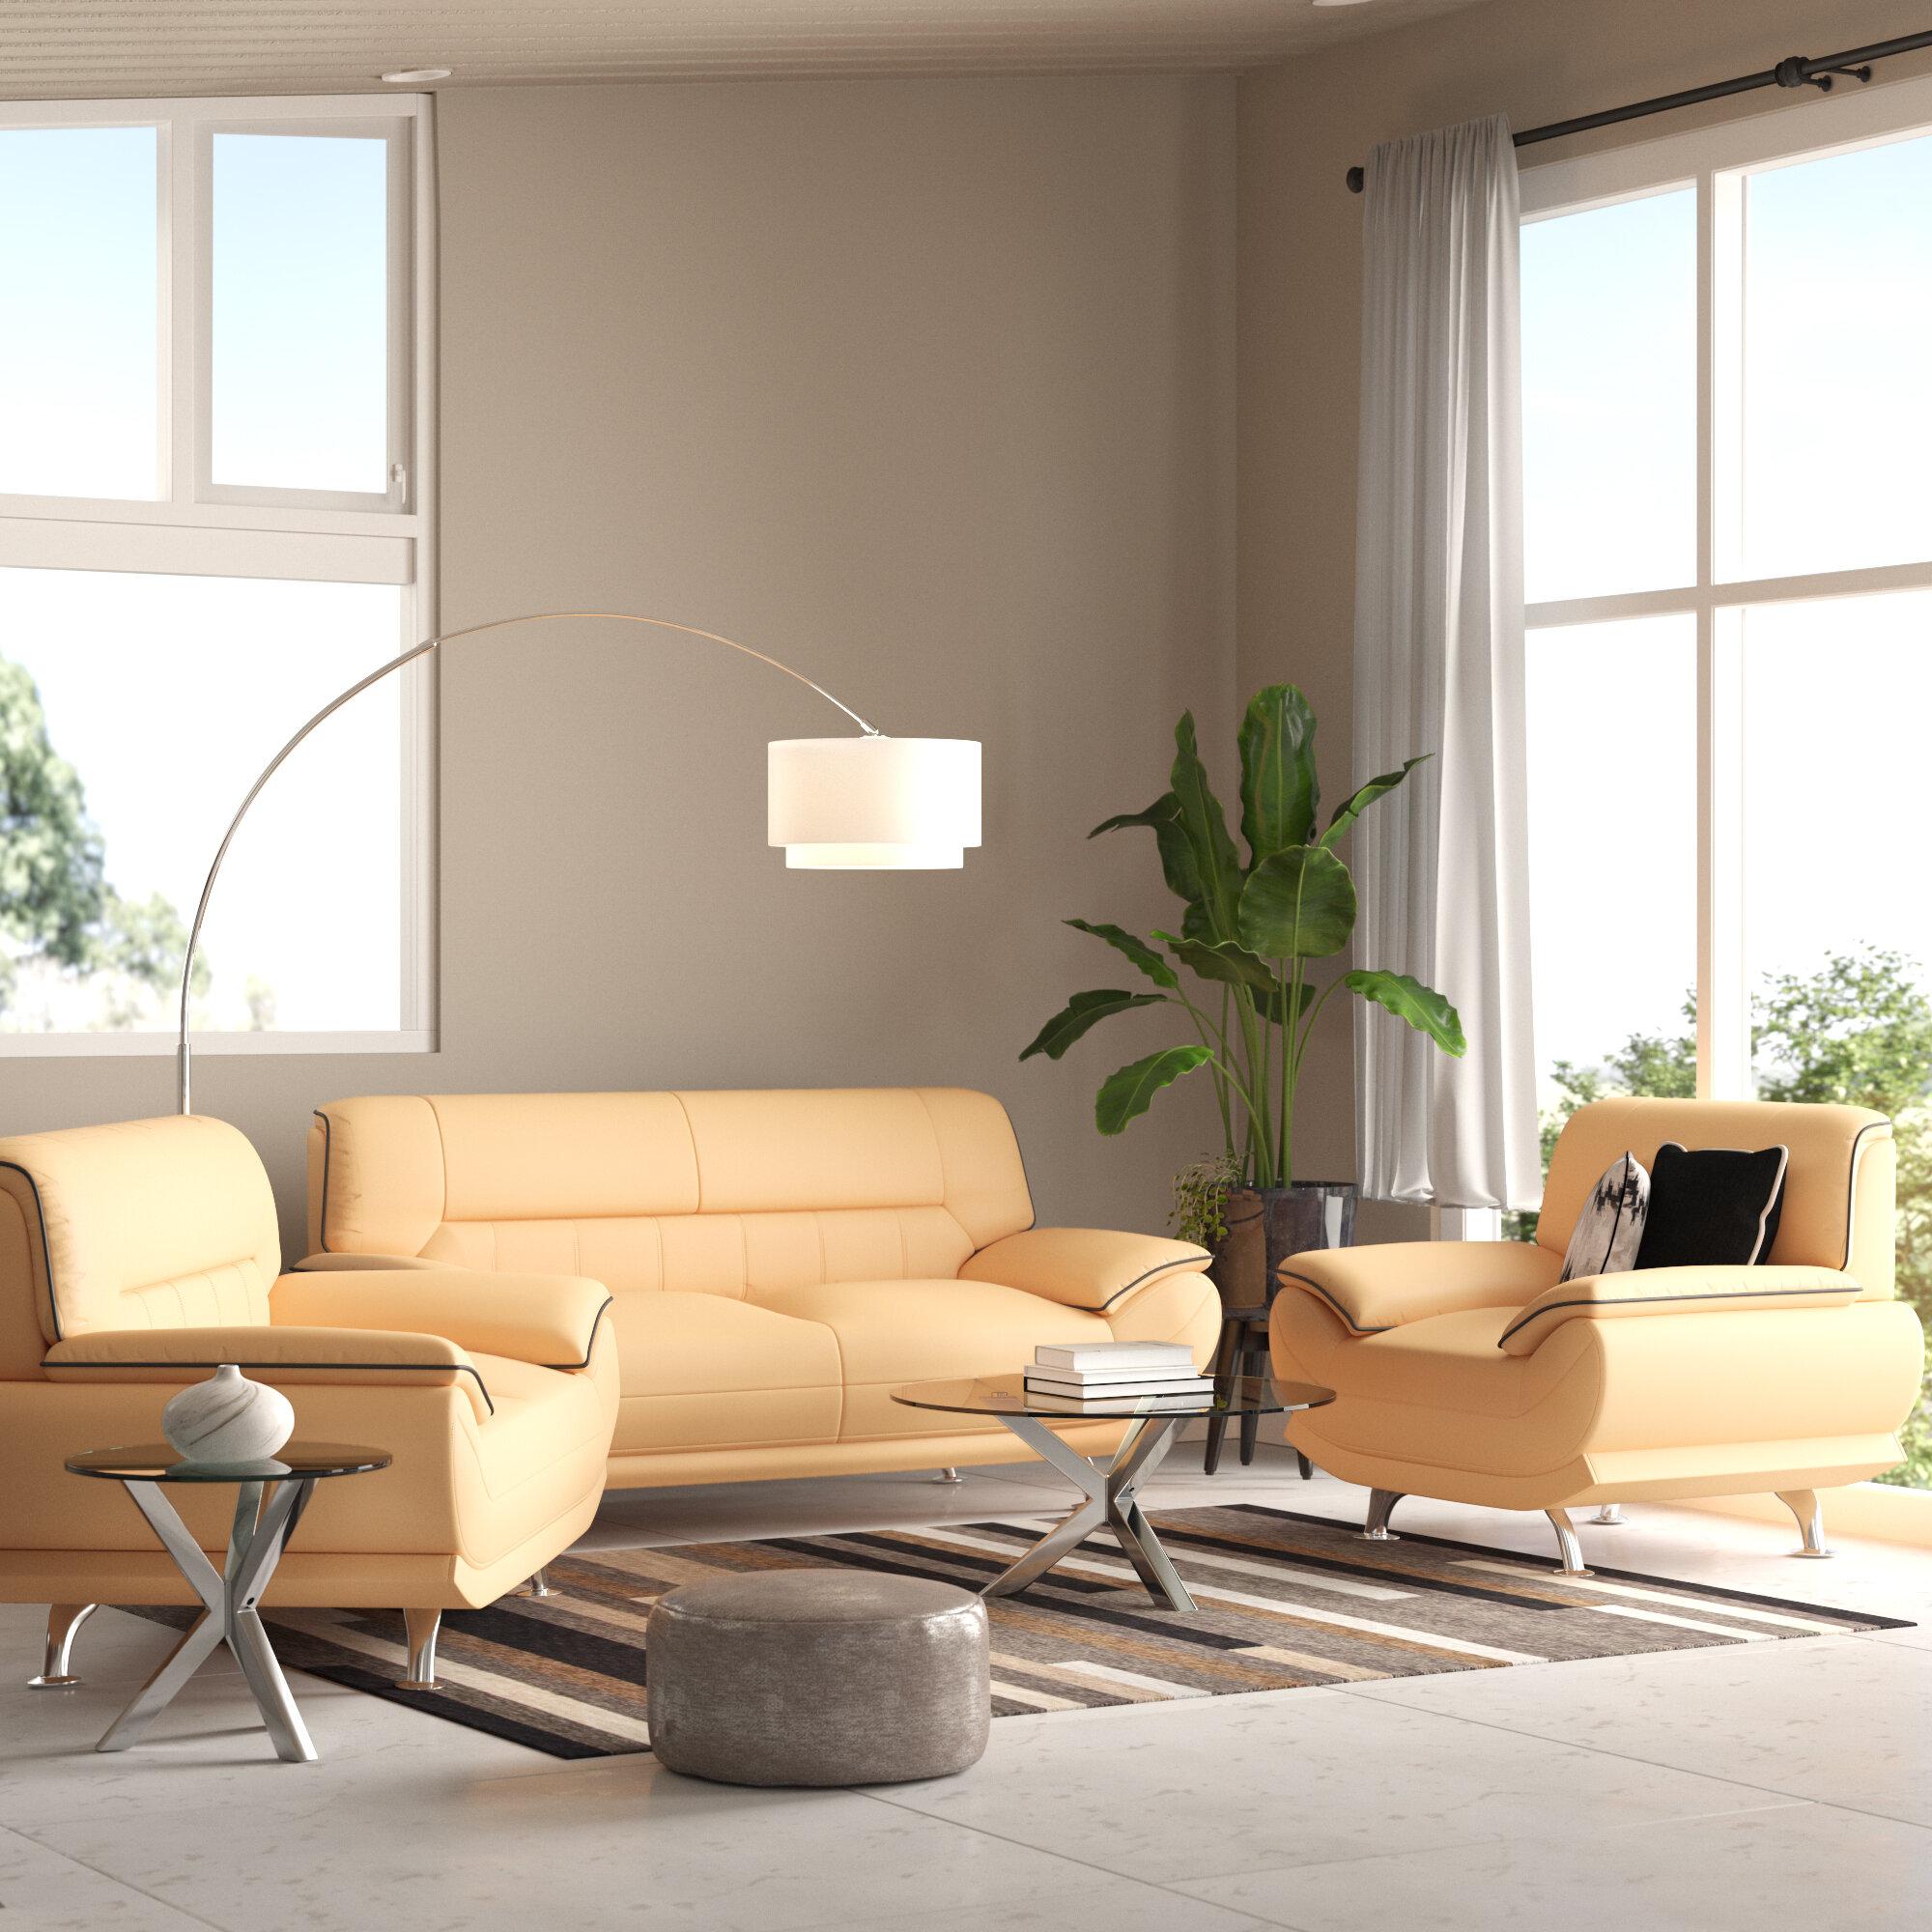 Orren Ellis Holbrooke Leather 3 Piece Living Room Set Reviews Wayfair